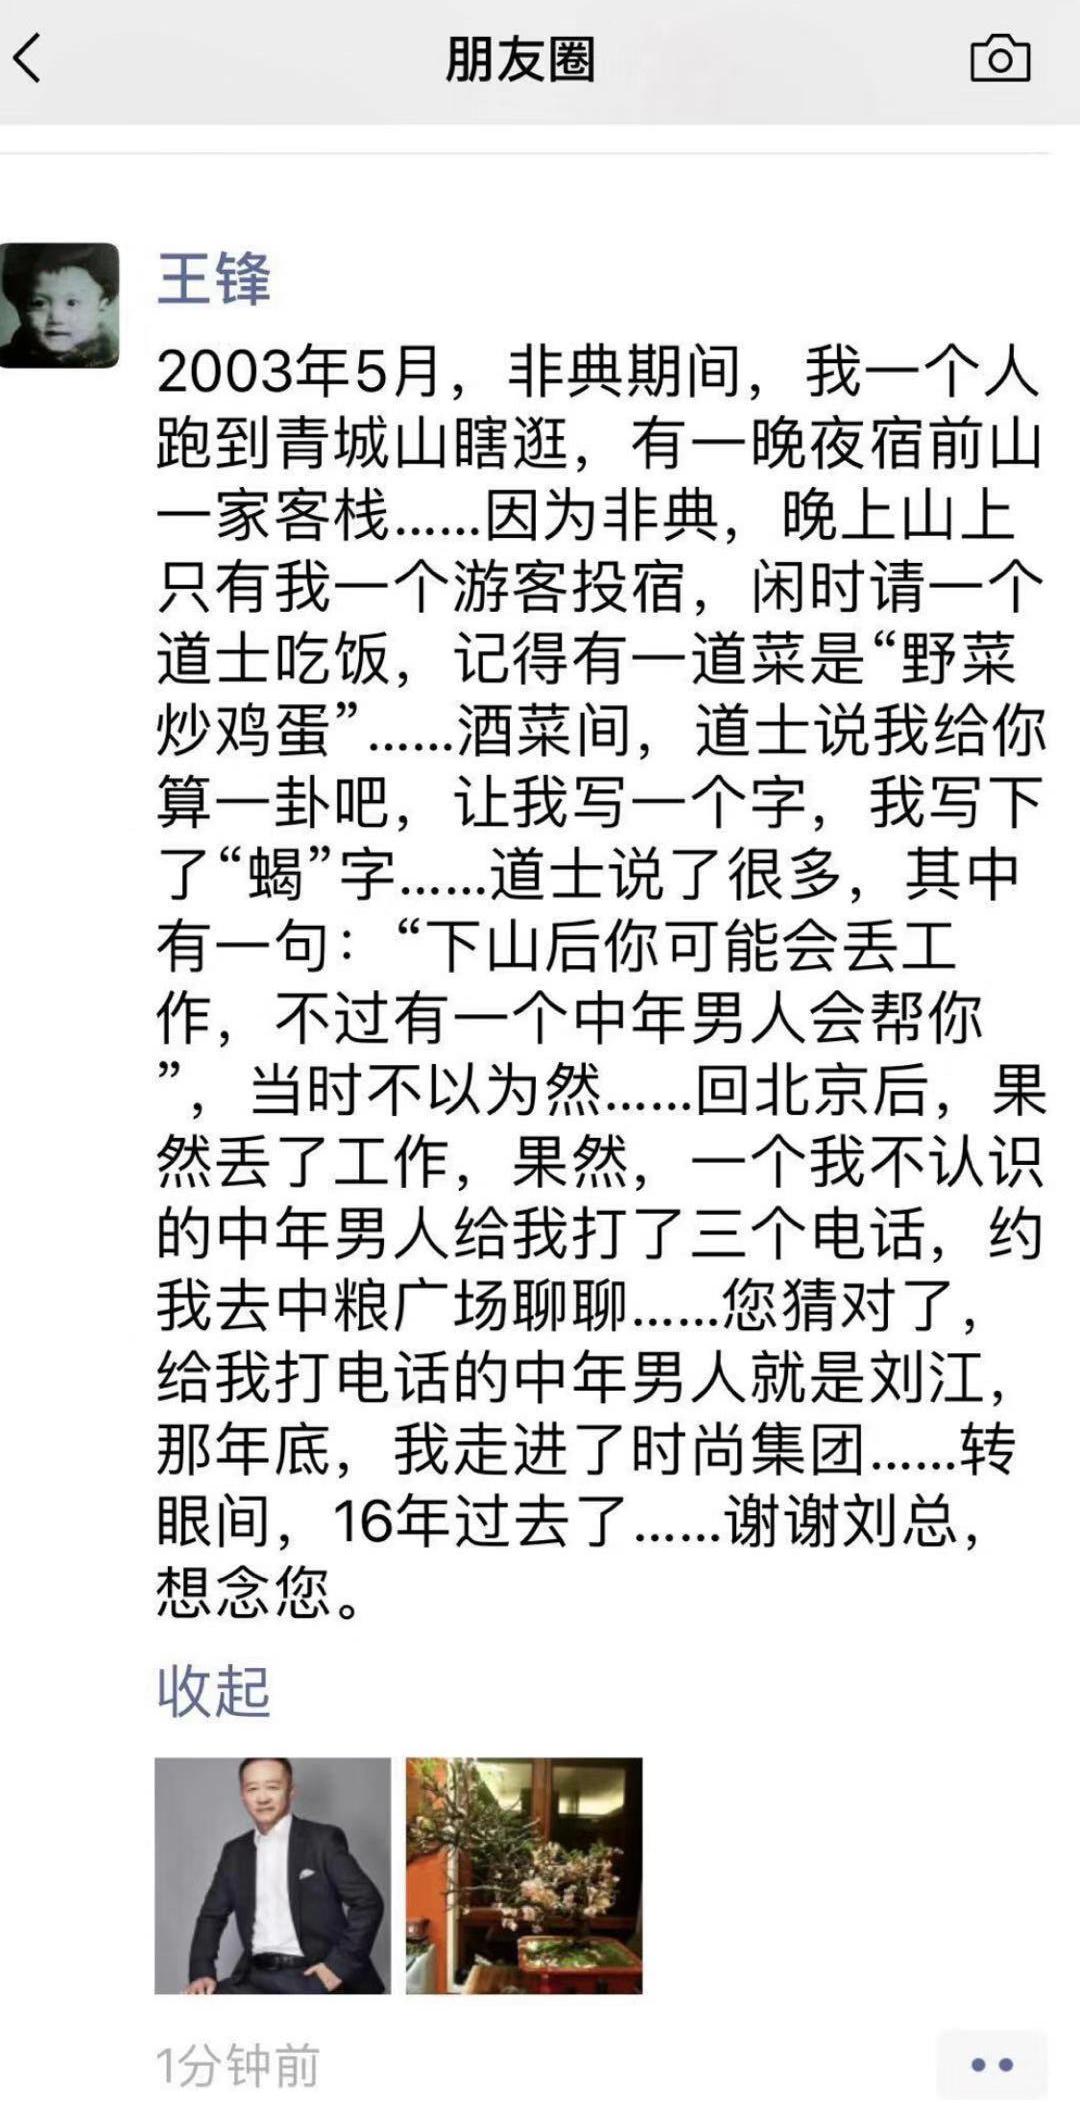 时尚集团副总裁及首席内容官、原GQ编辑总监王锋